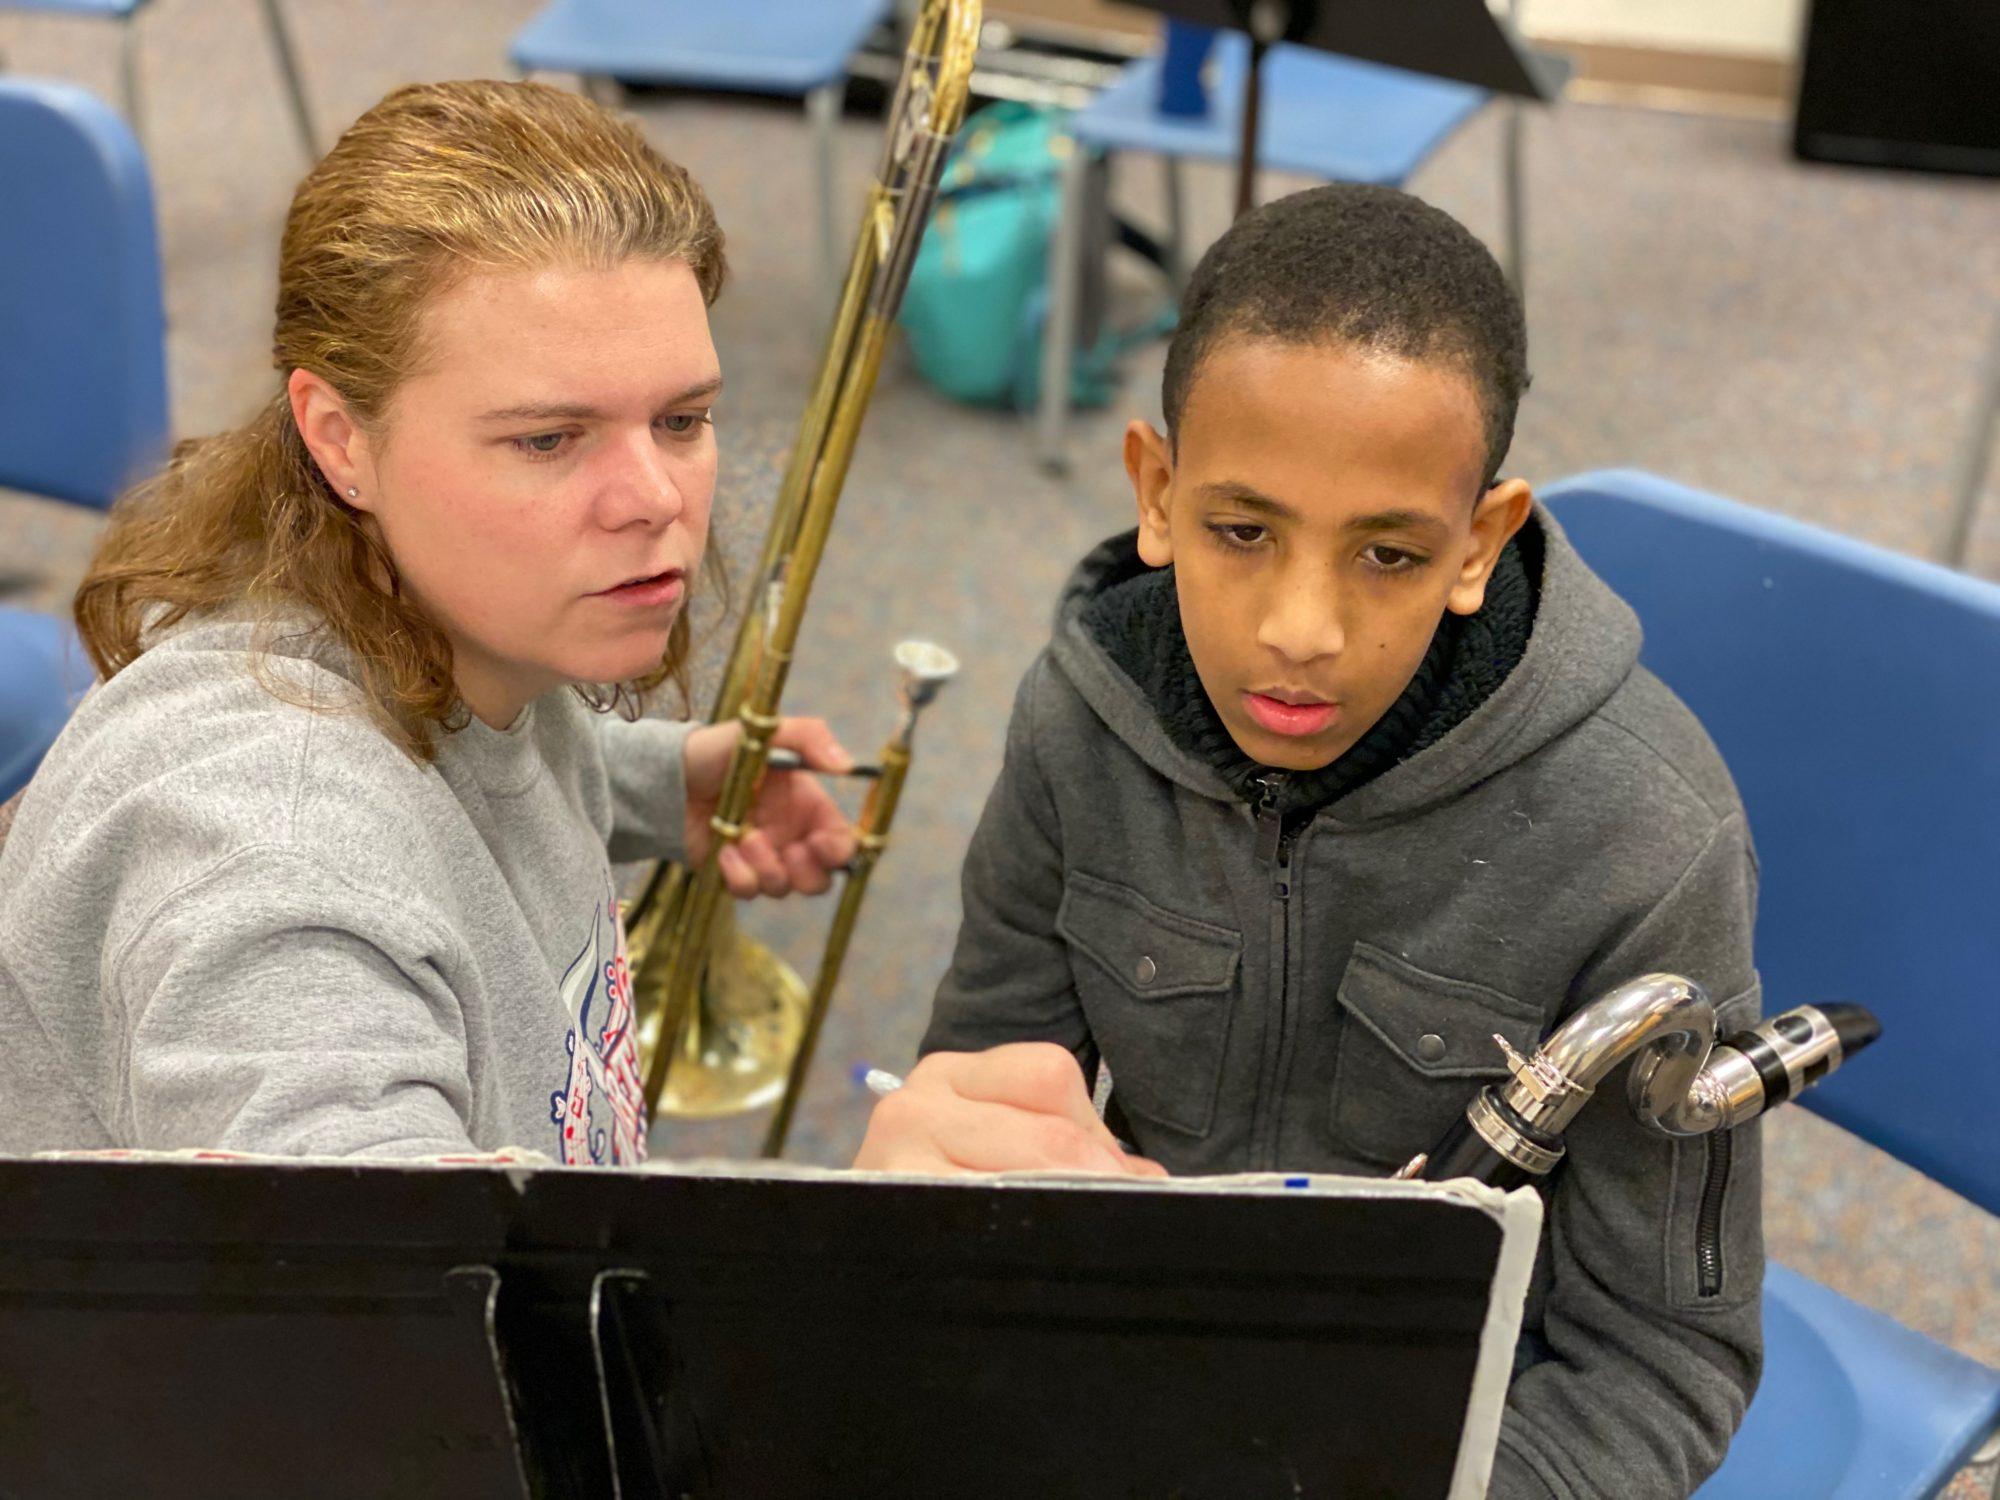 El futuro diverso del Medio Oeste estadounidense ya llegó a una escuela de Iowa